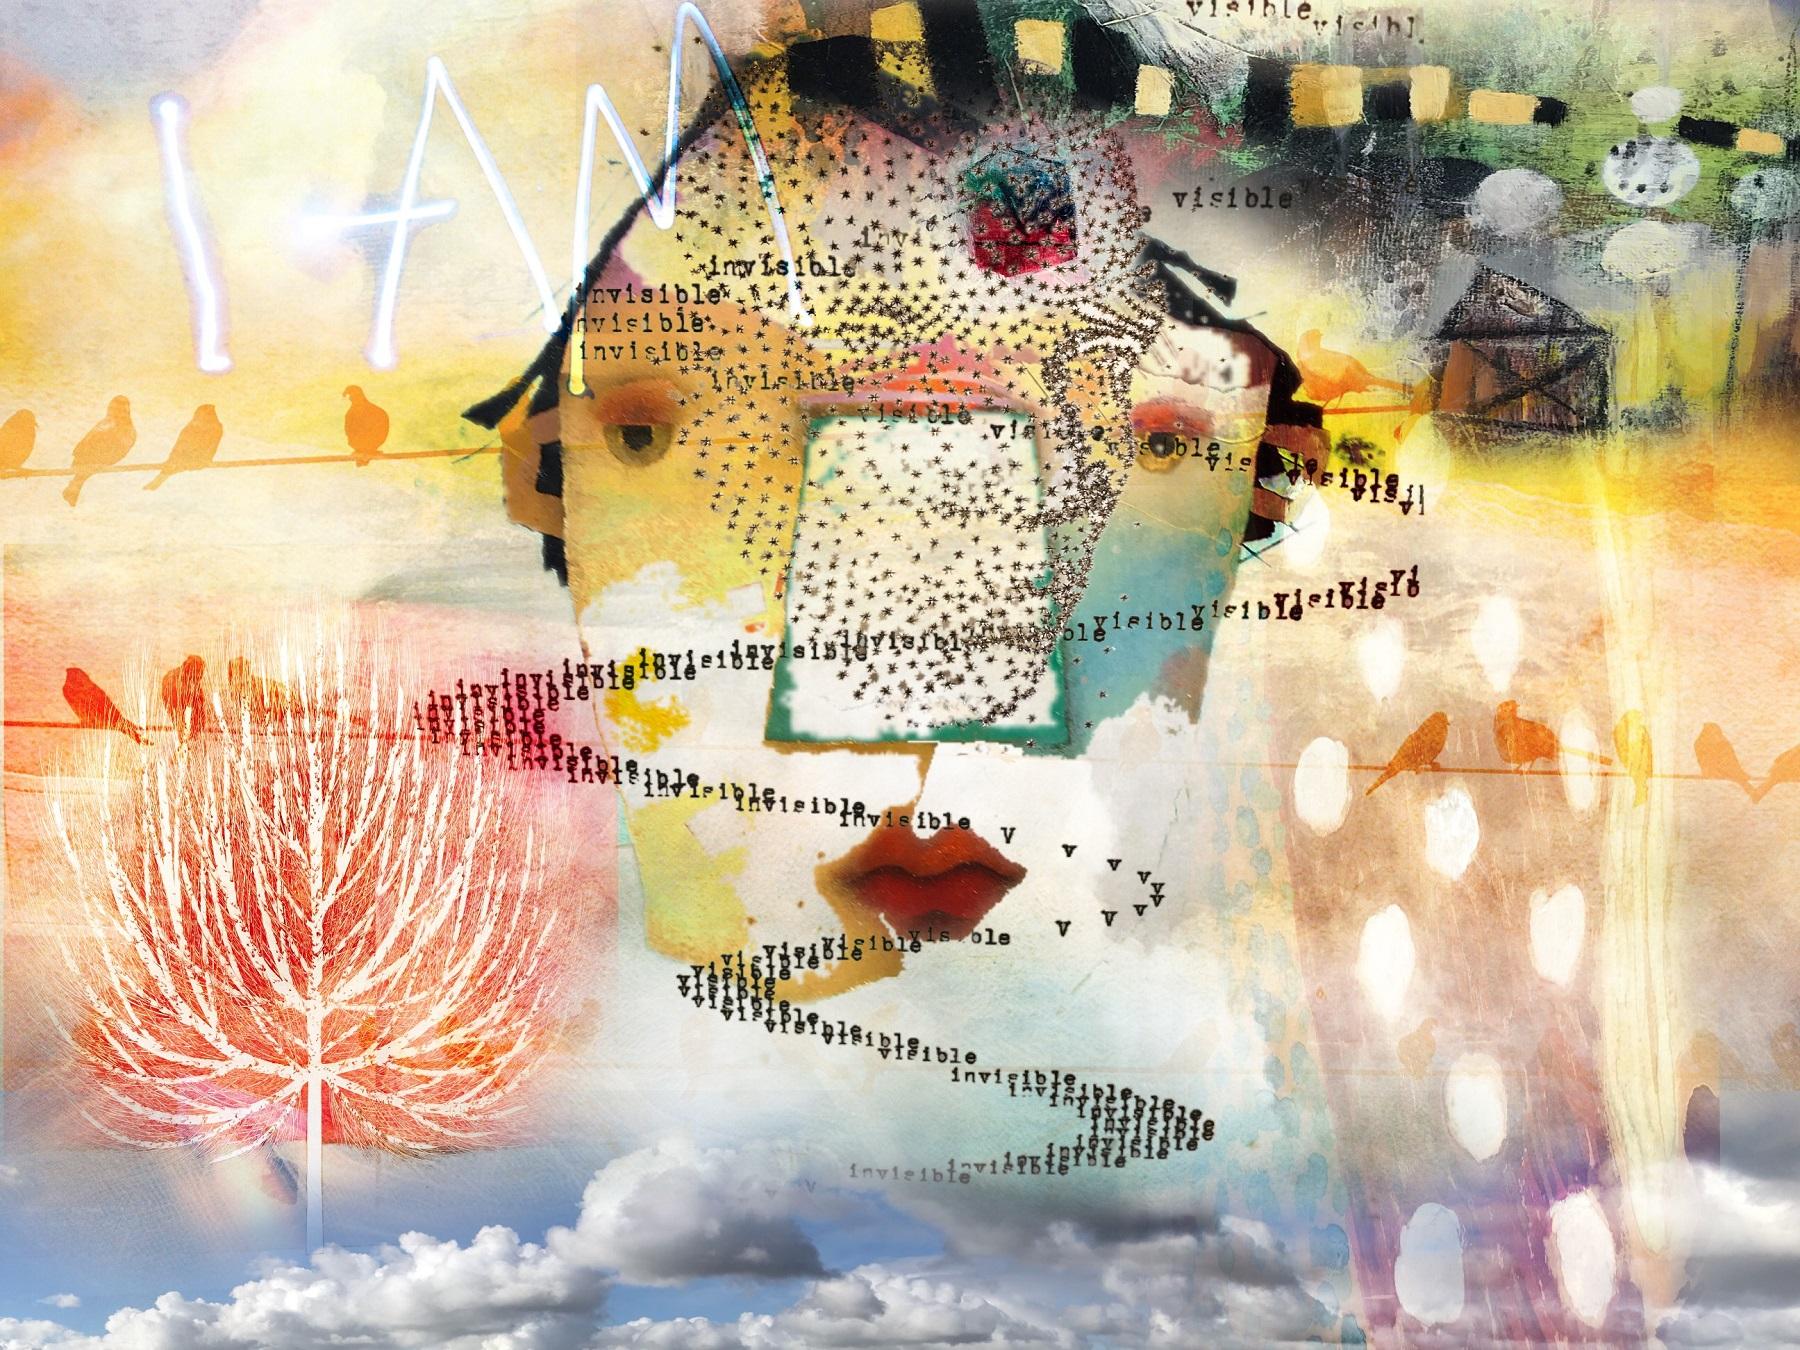 Jana_Curcio_I AM_I Am Invisible_1.jpg